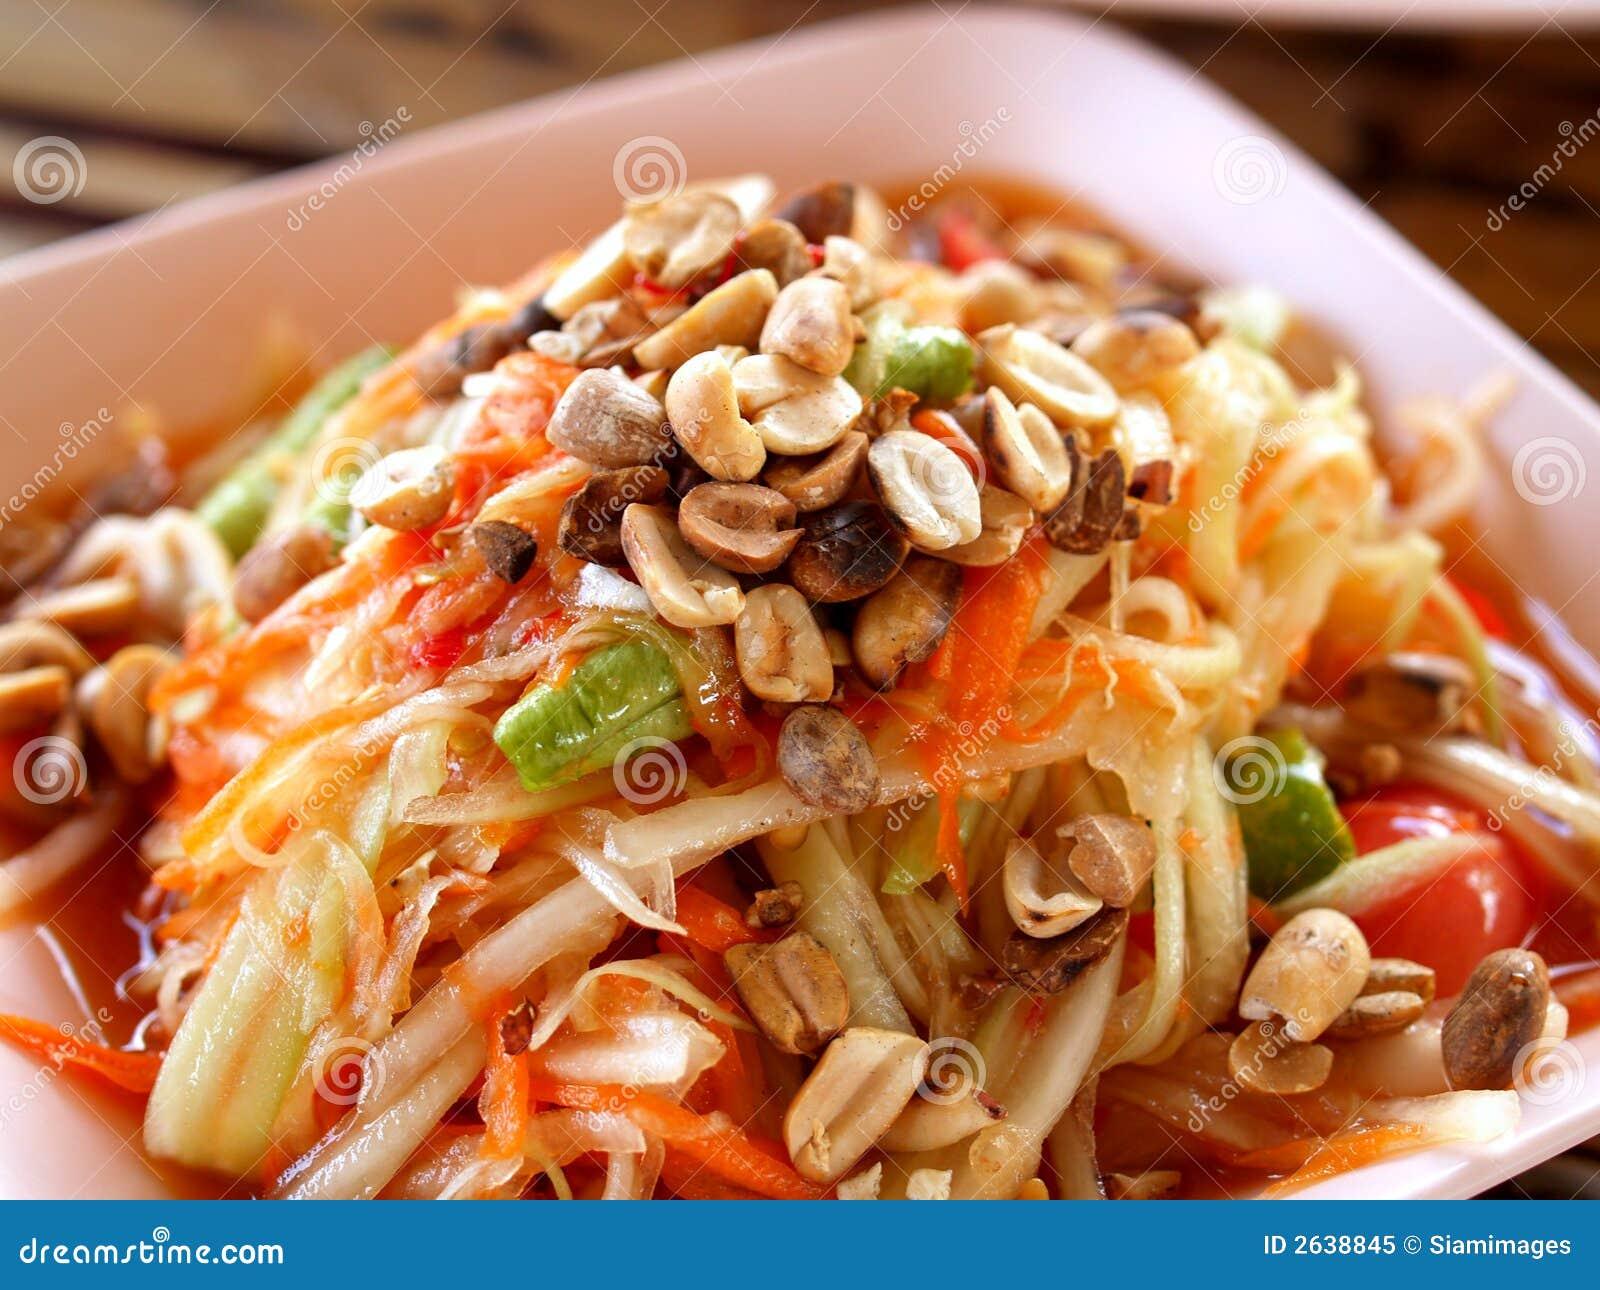 photo of delicious thai food somtum mr no pr no 2 5118 3